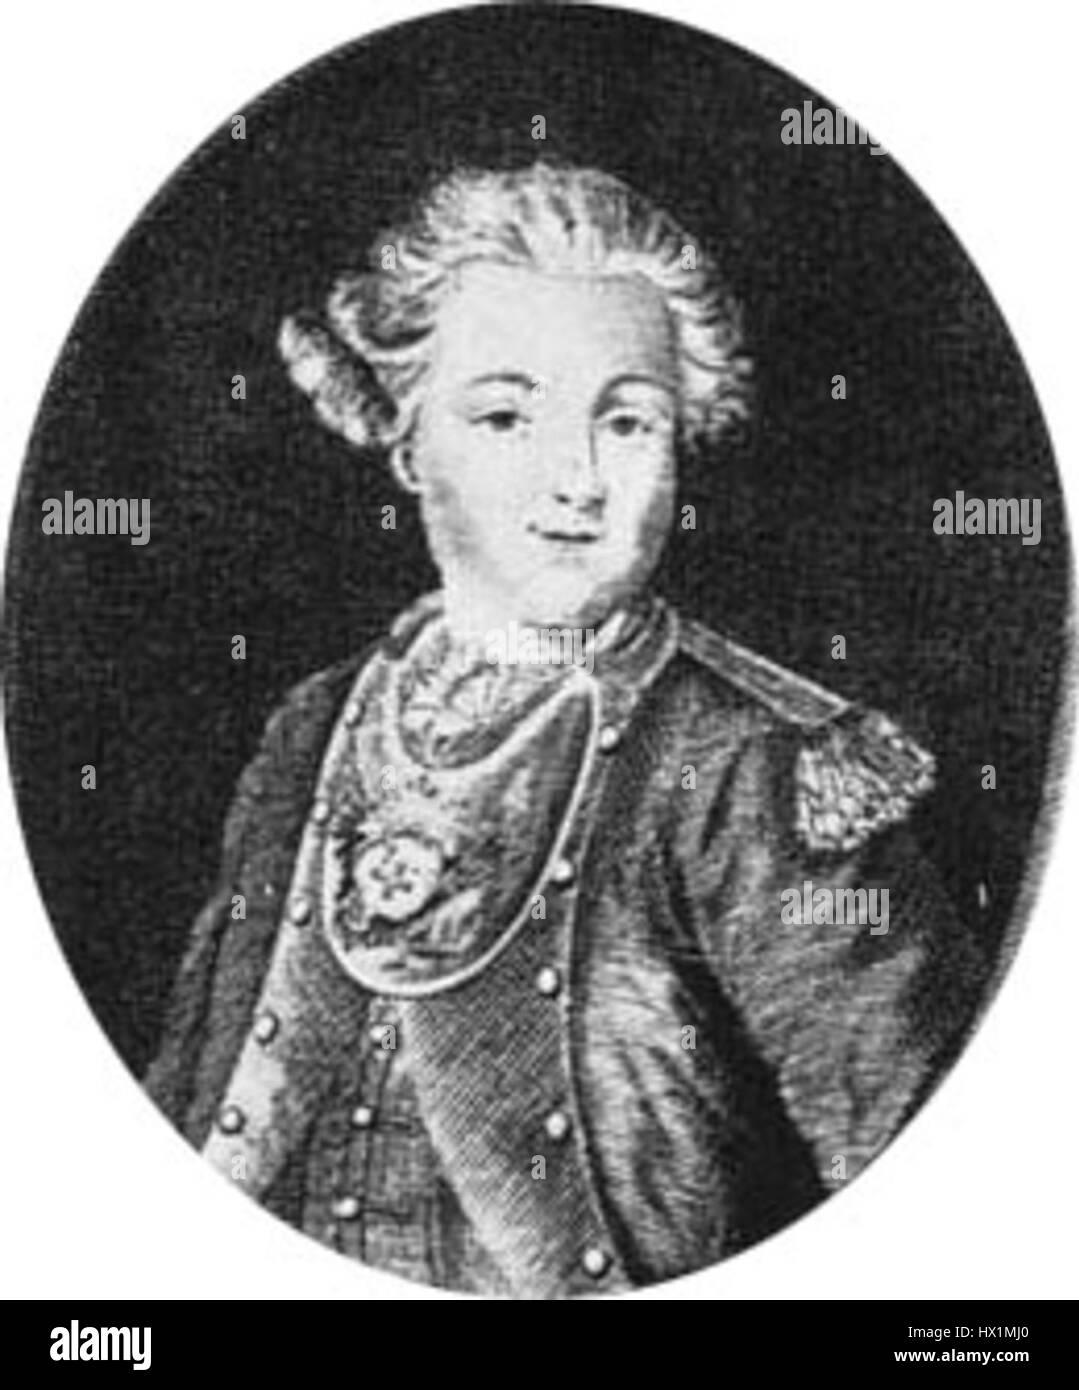 Dmiteriev mamon fi - Stock Image